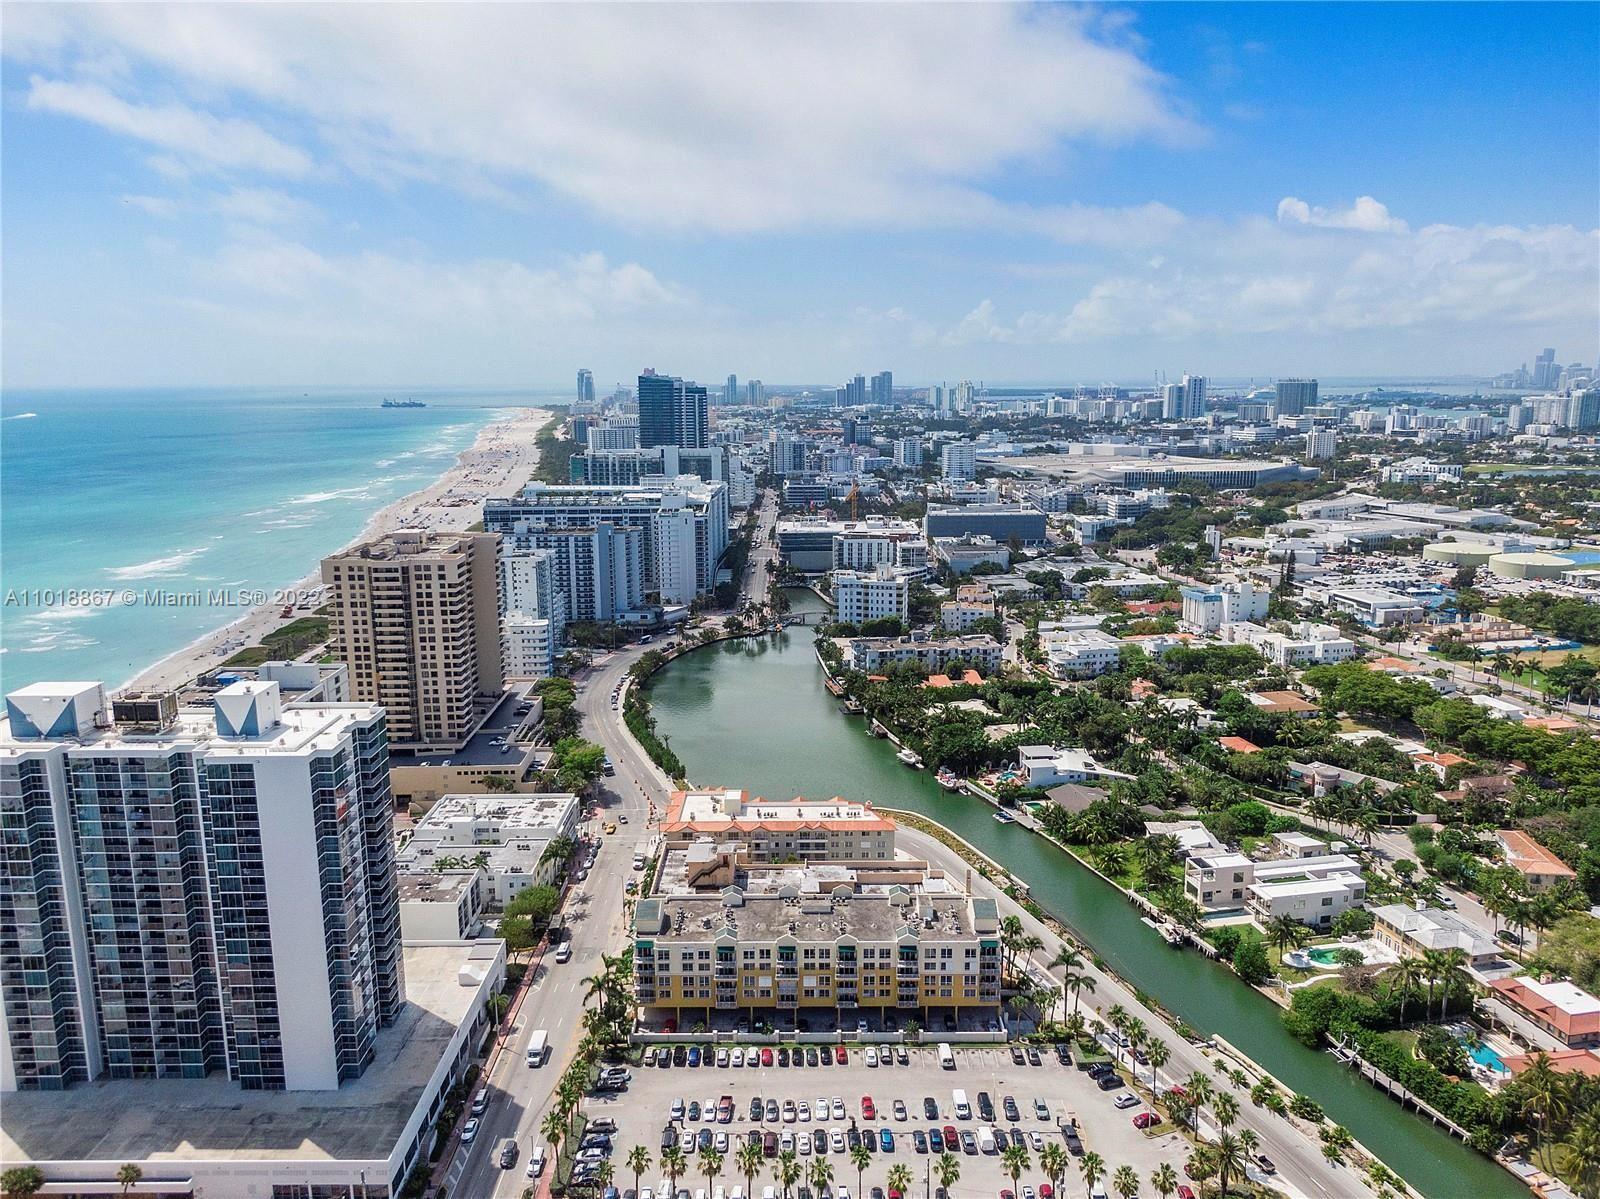 2642 Collins Ave #211, Miami Beach, FL 33140 - #: A11018867